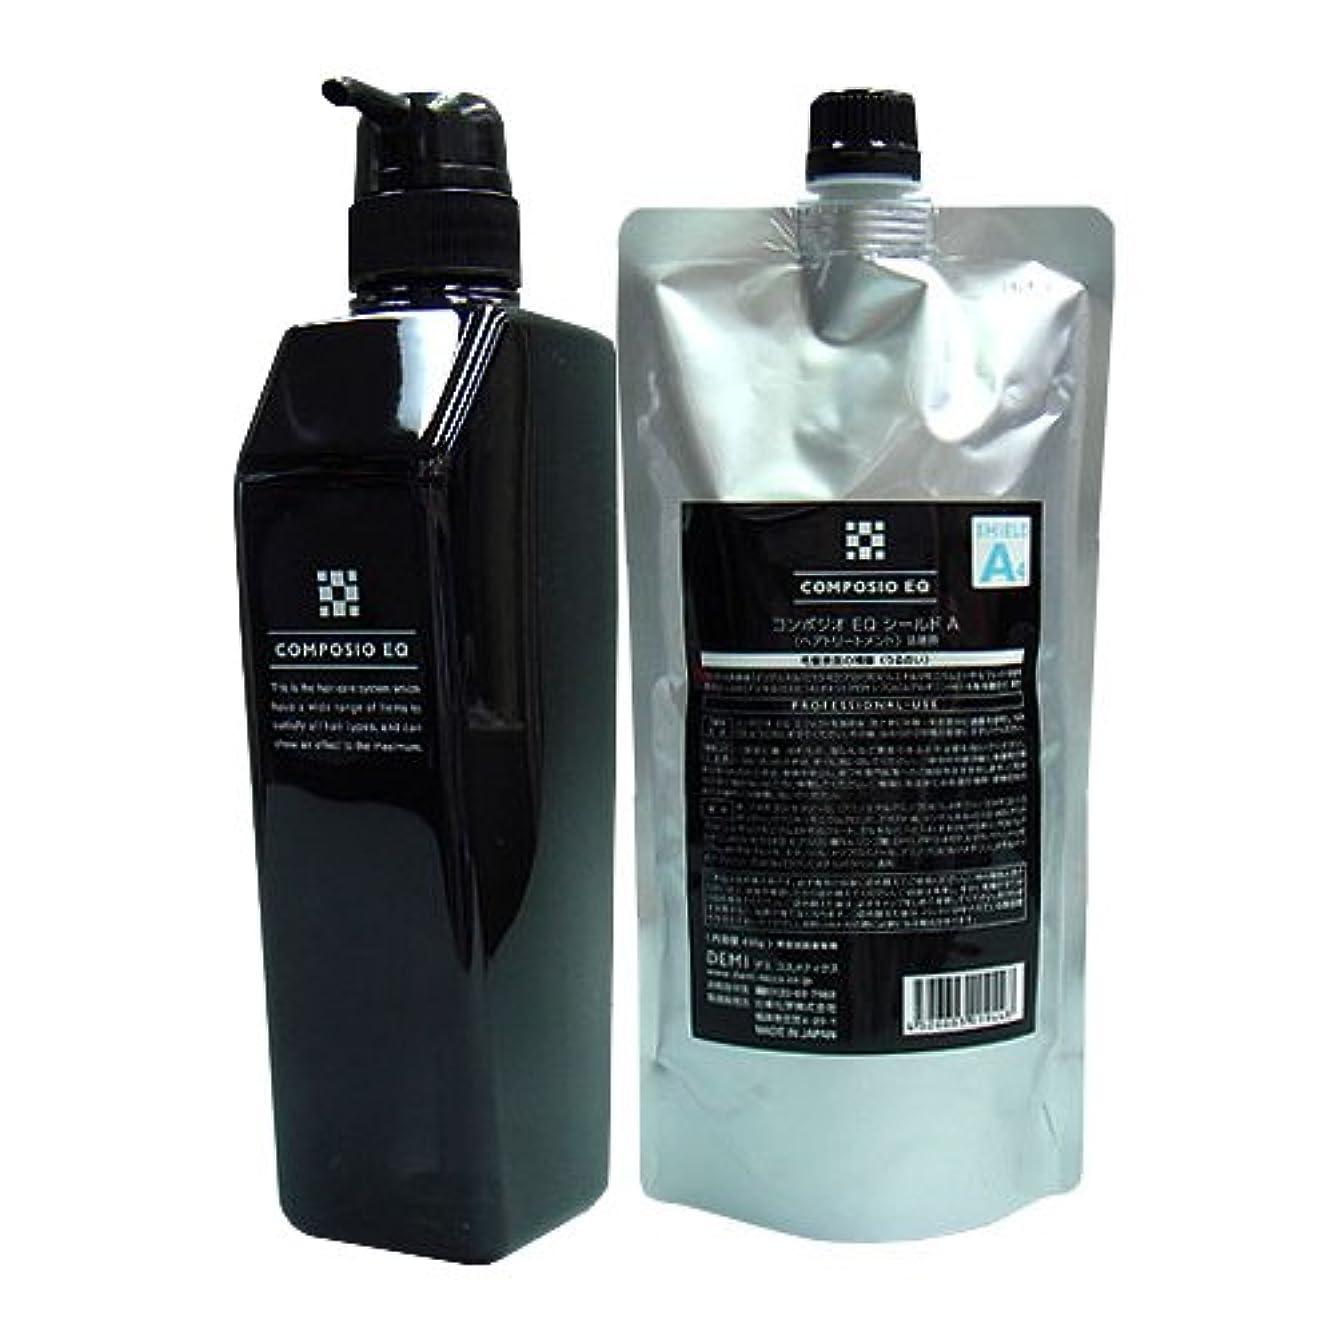 不平を言うエスカレート国歌デミ コンポジオ EQ シールド A 詰替え ボトルセット うるおいタイプ 450g